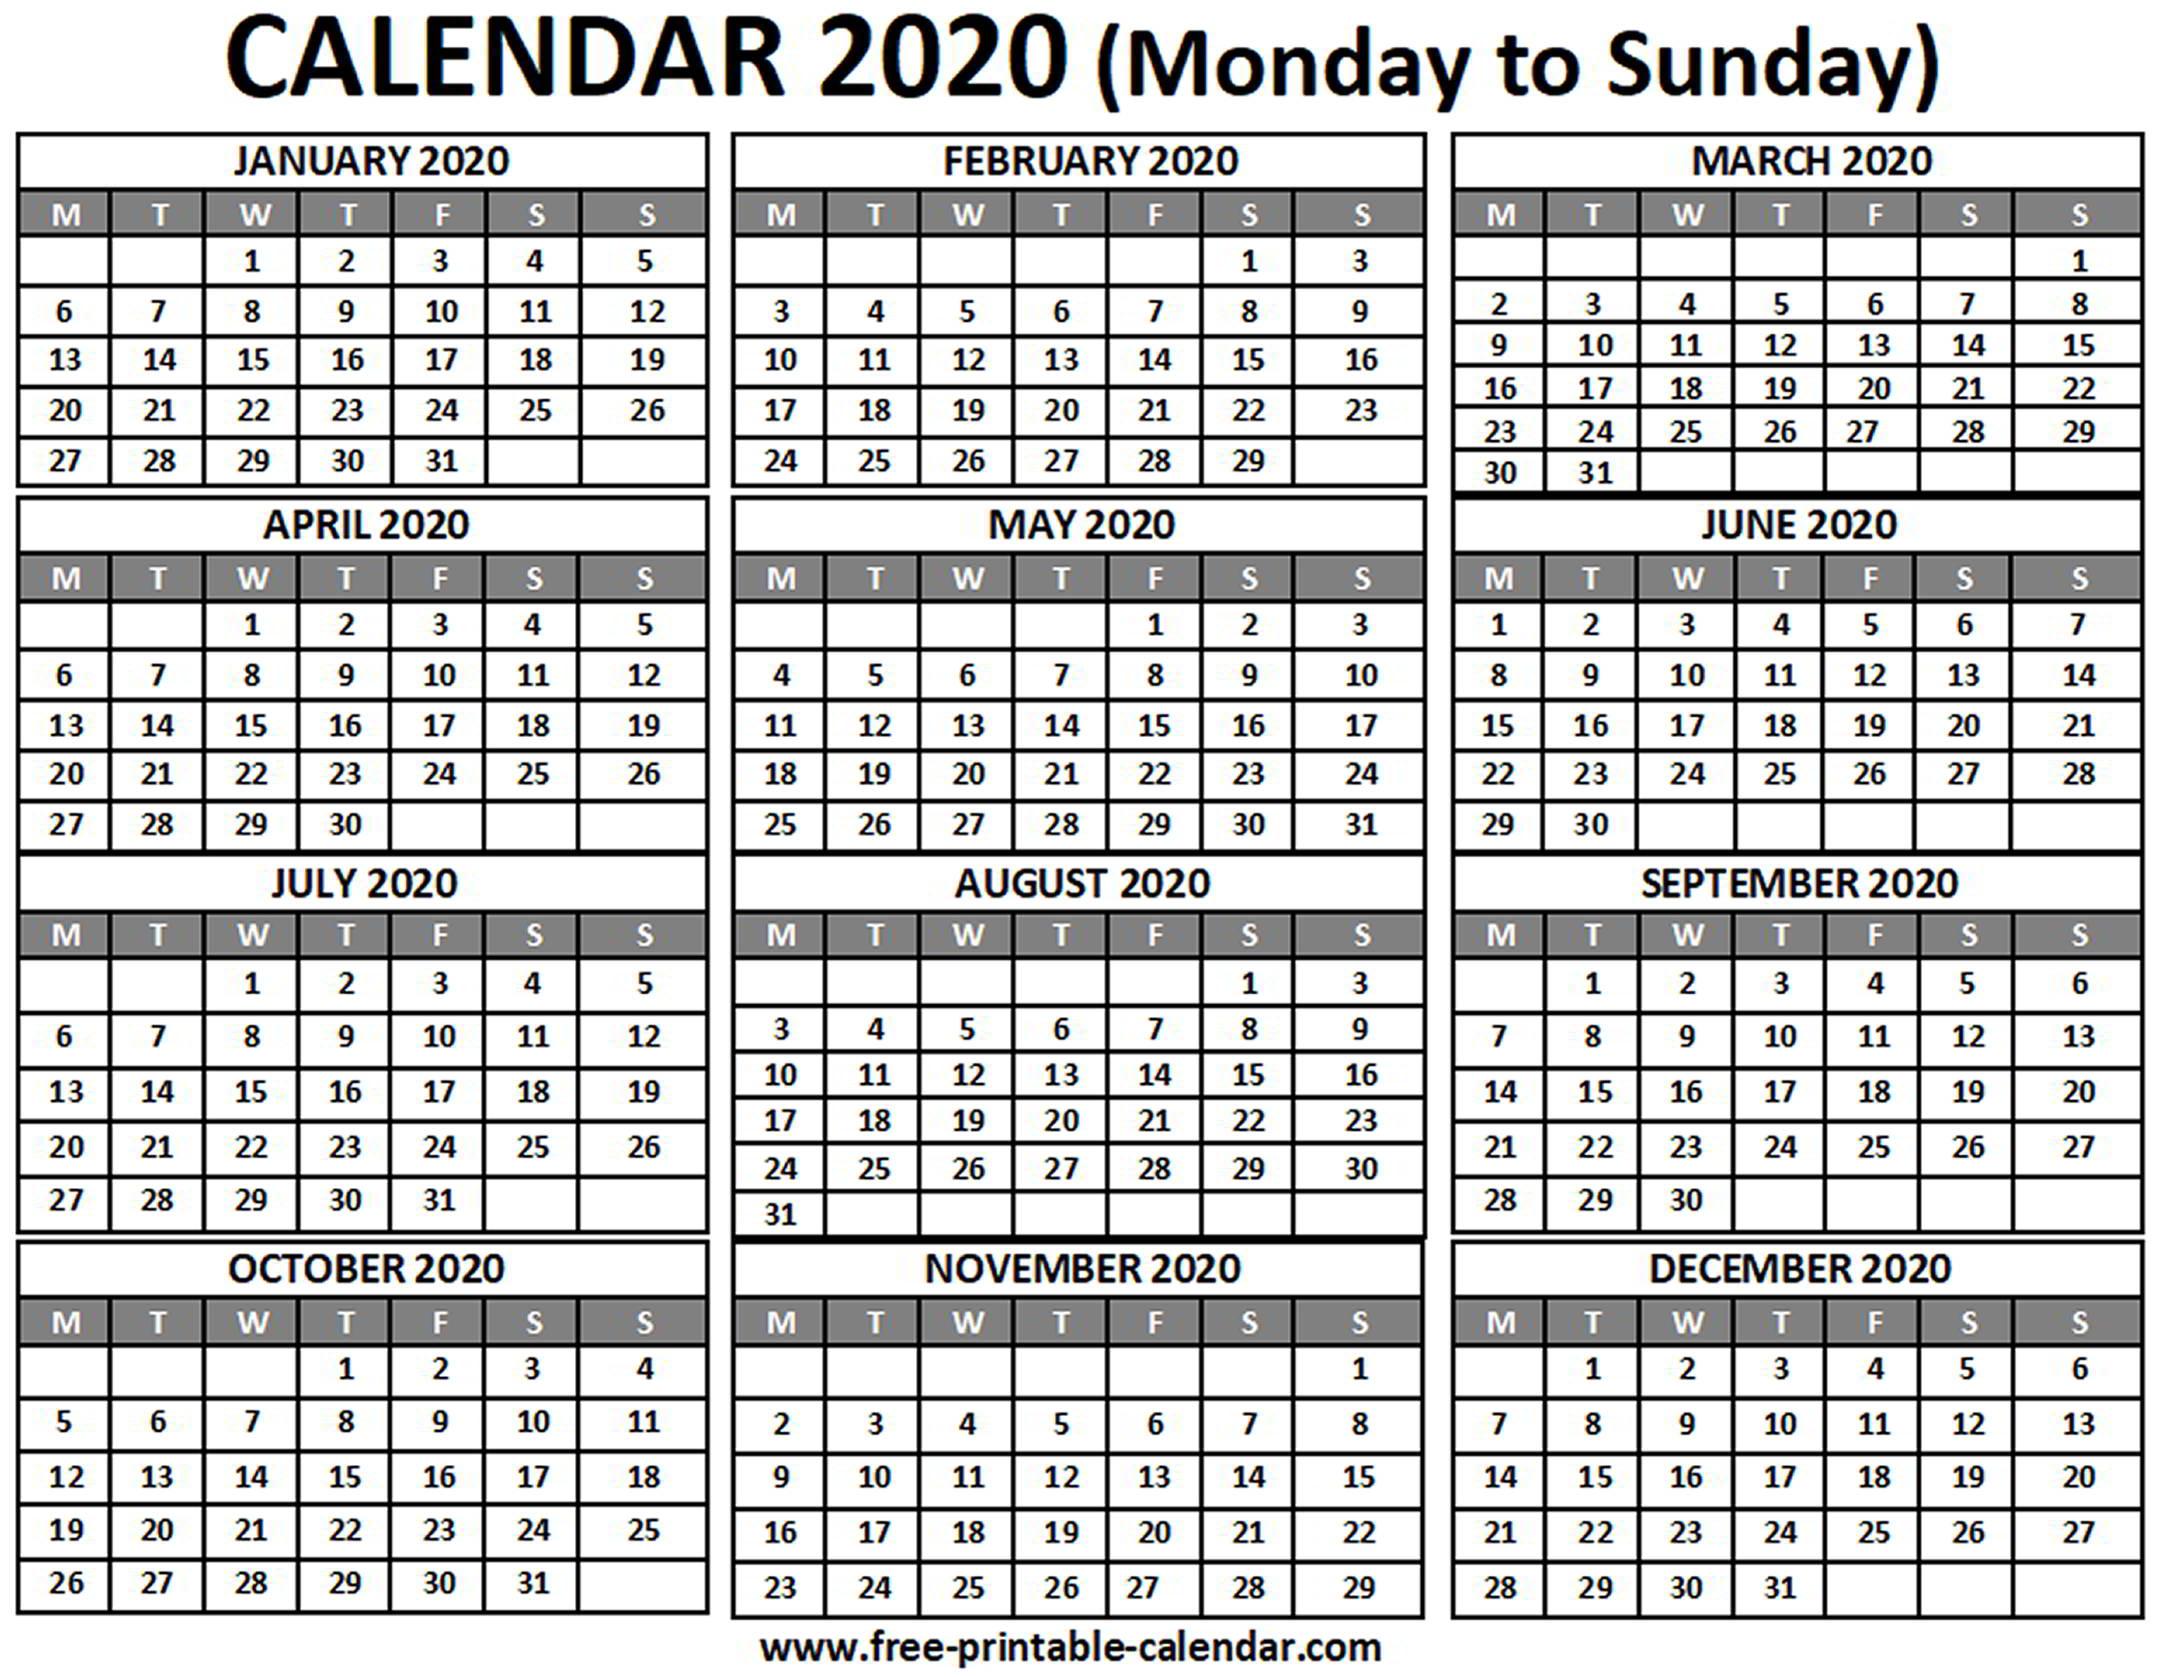 2020 Calendar - Free-Printable-Calendar in Monday To Sunday Printable 2020 Calendar